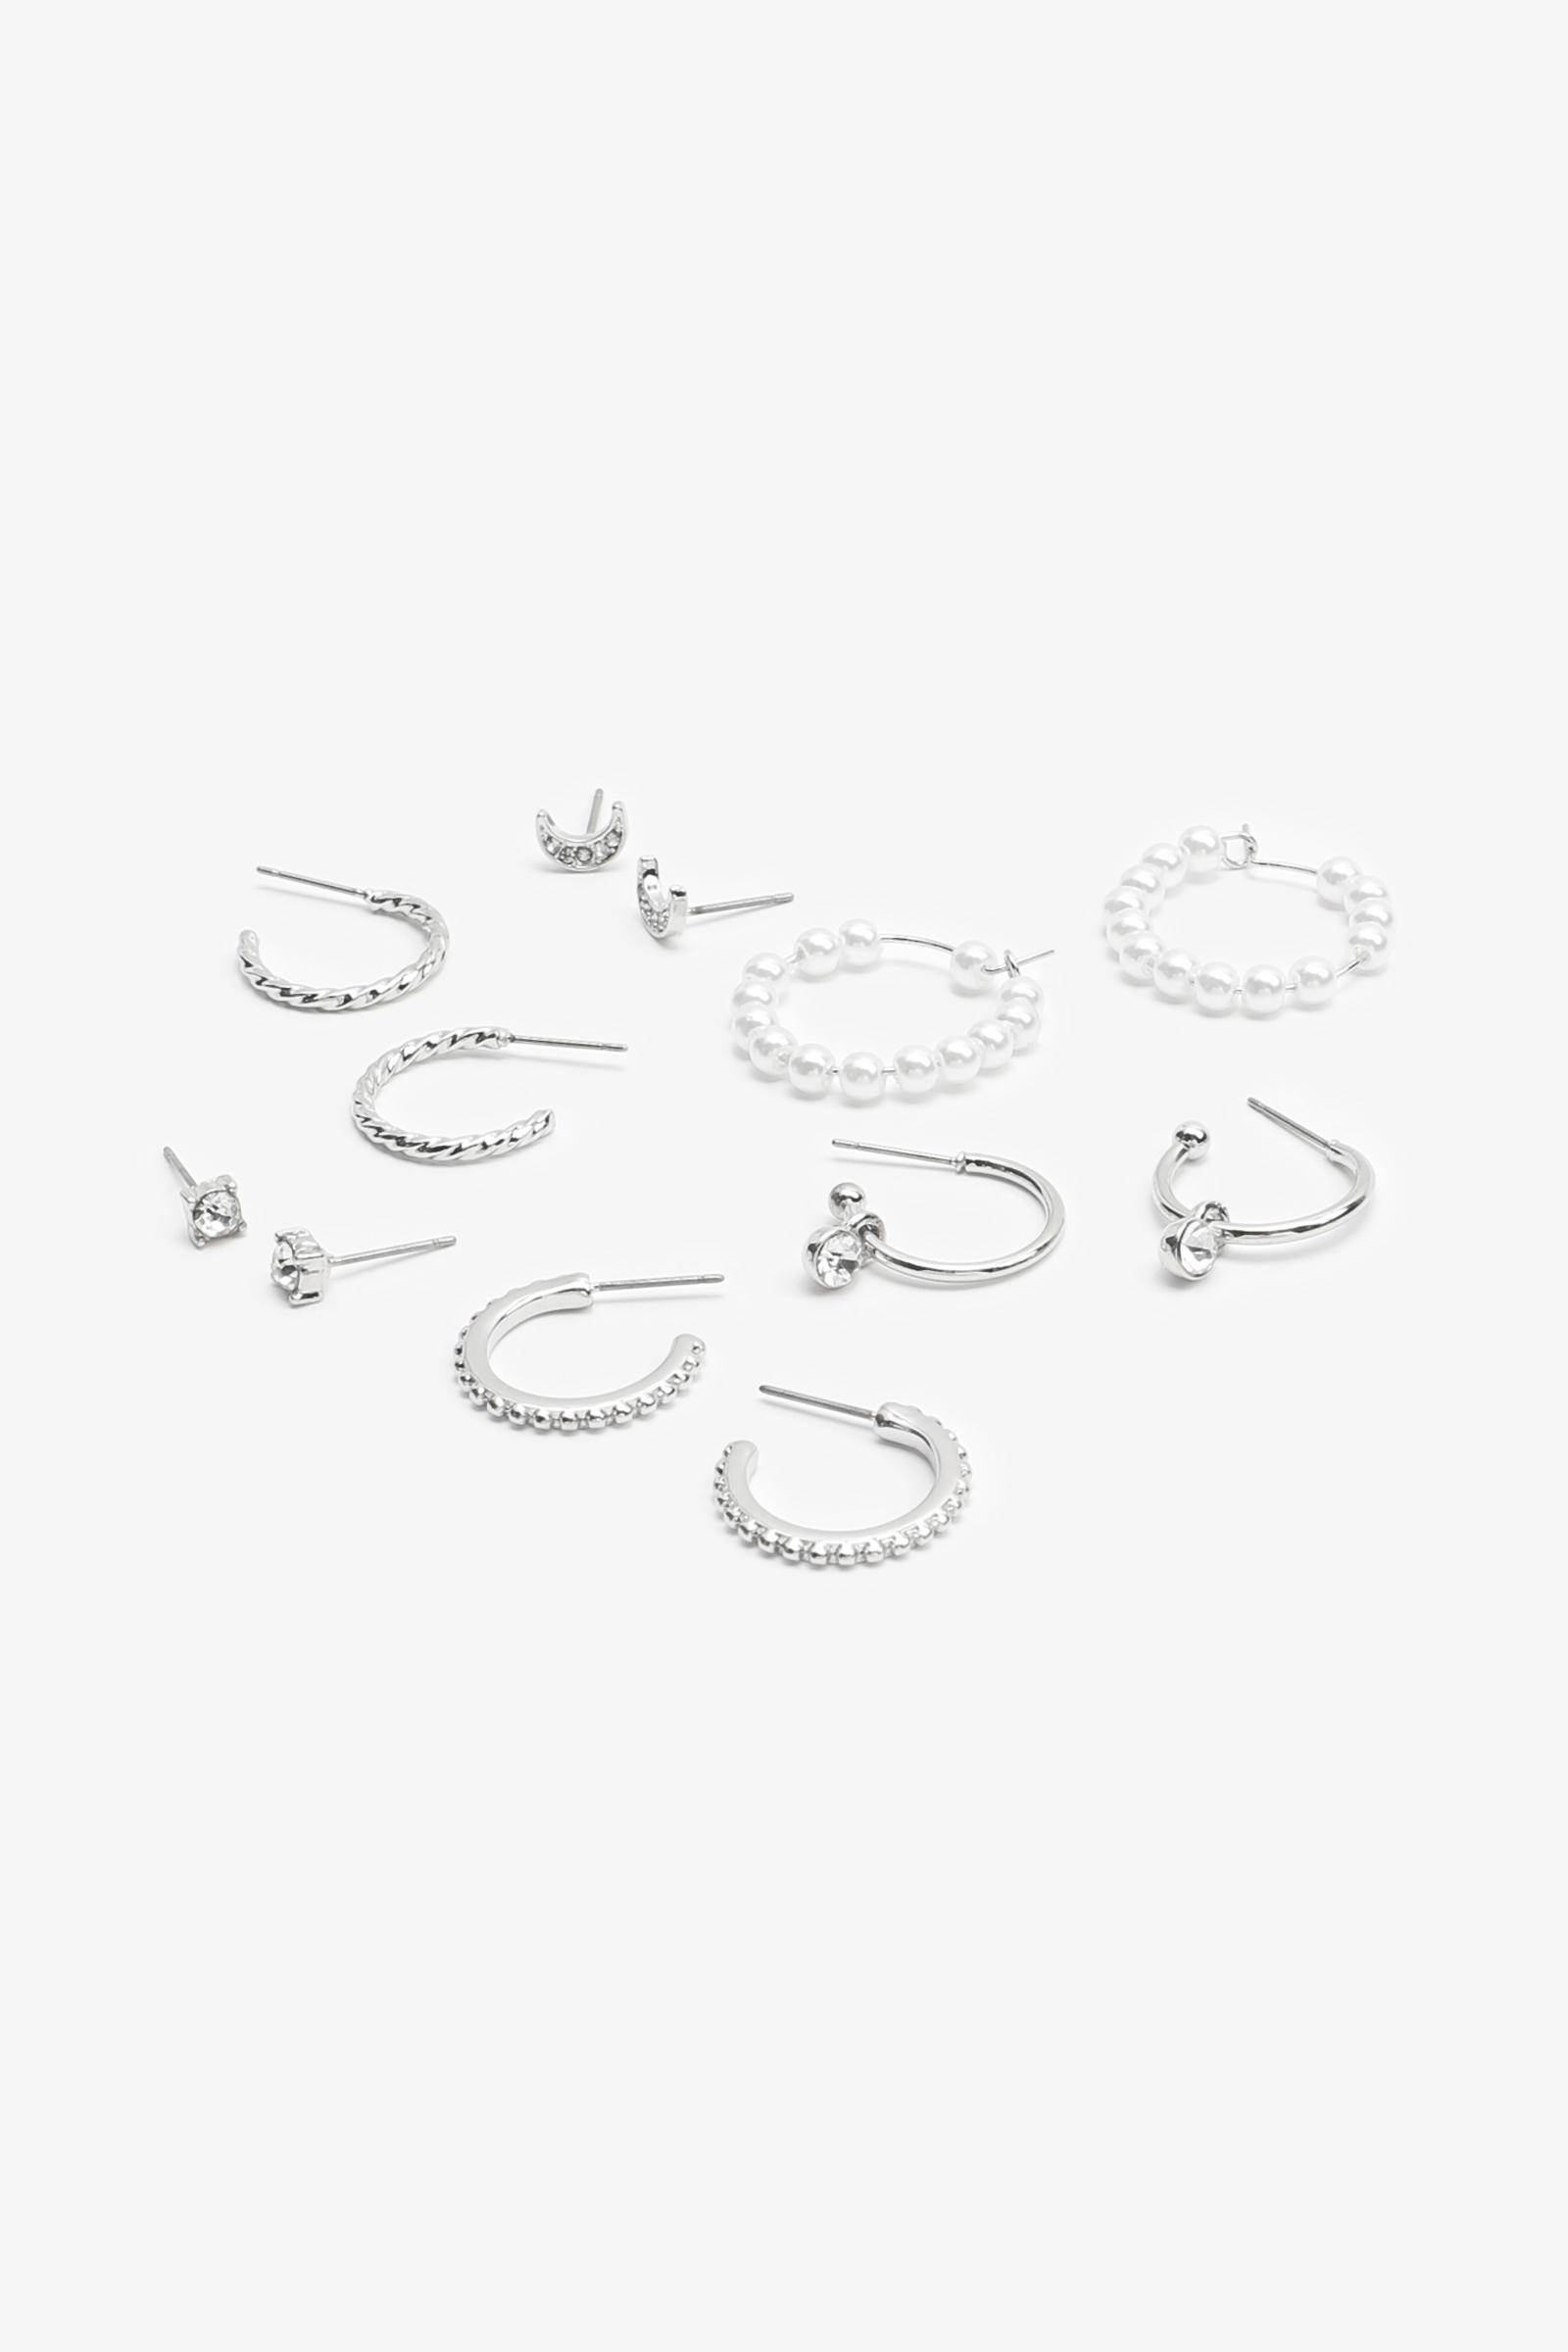 Pack of Hoops and Stud Earrings